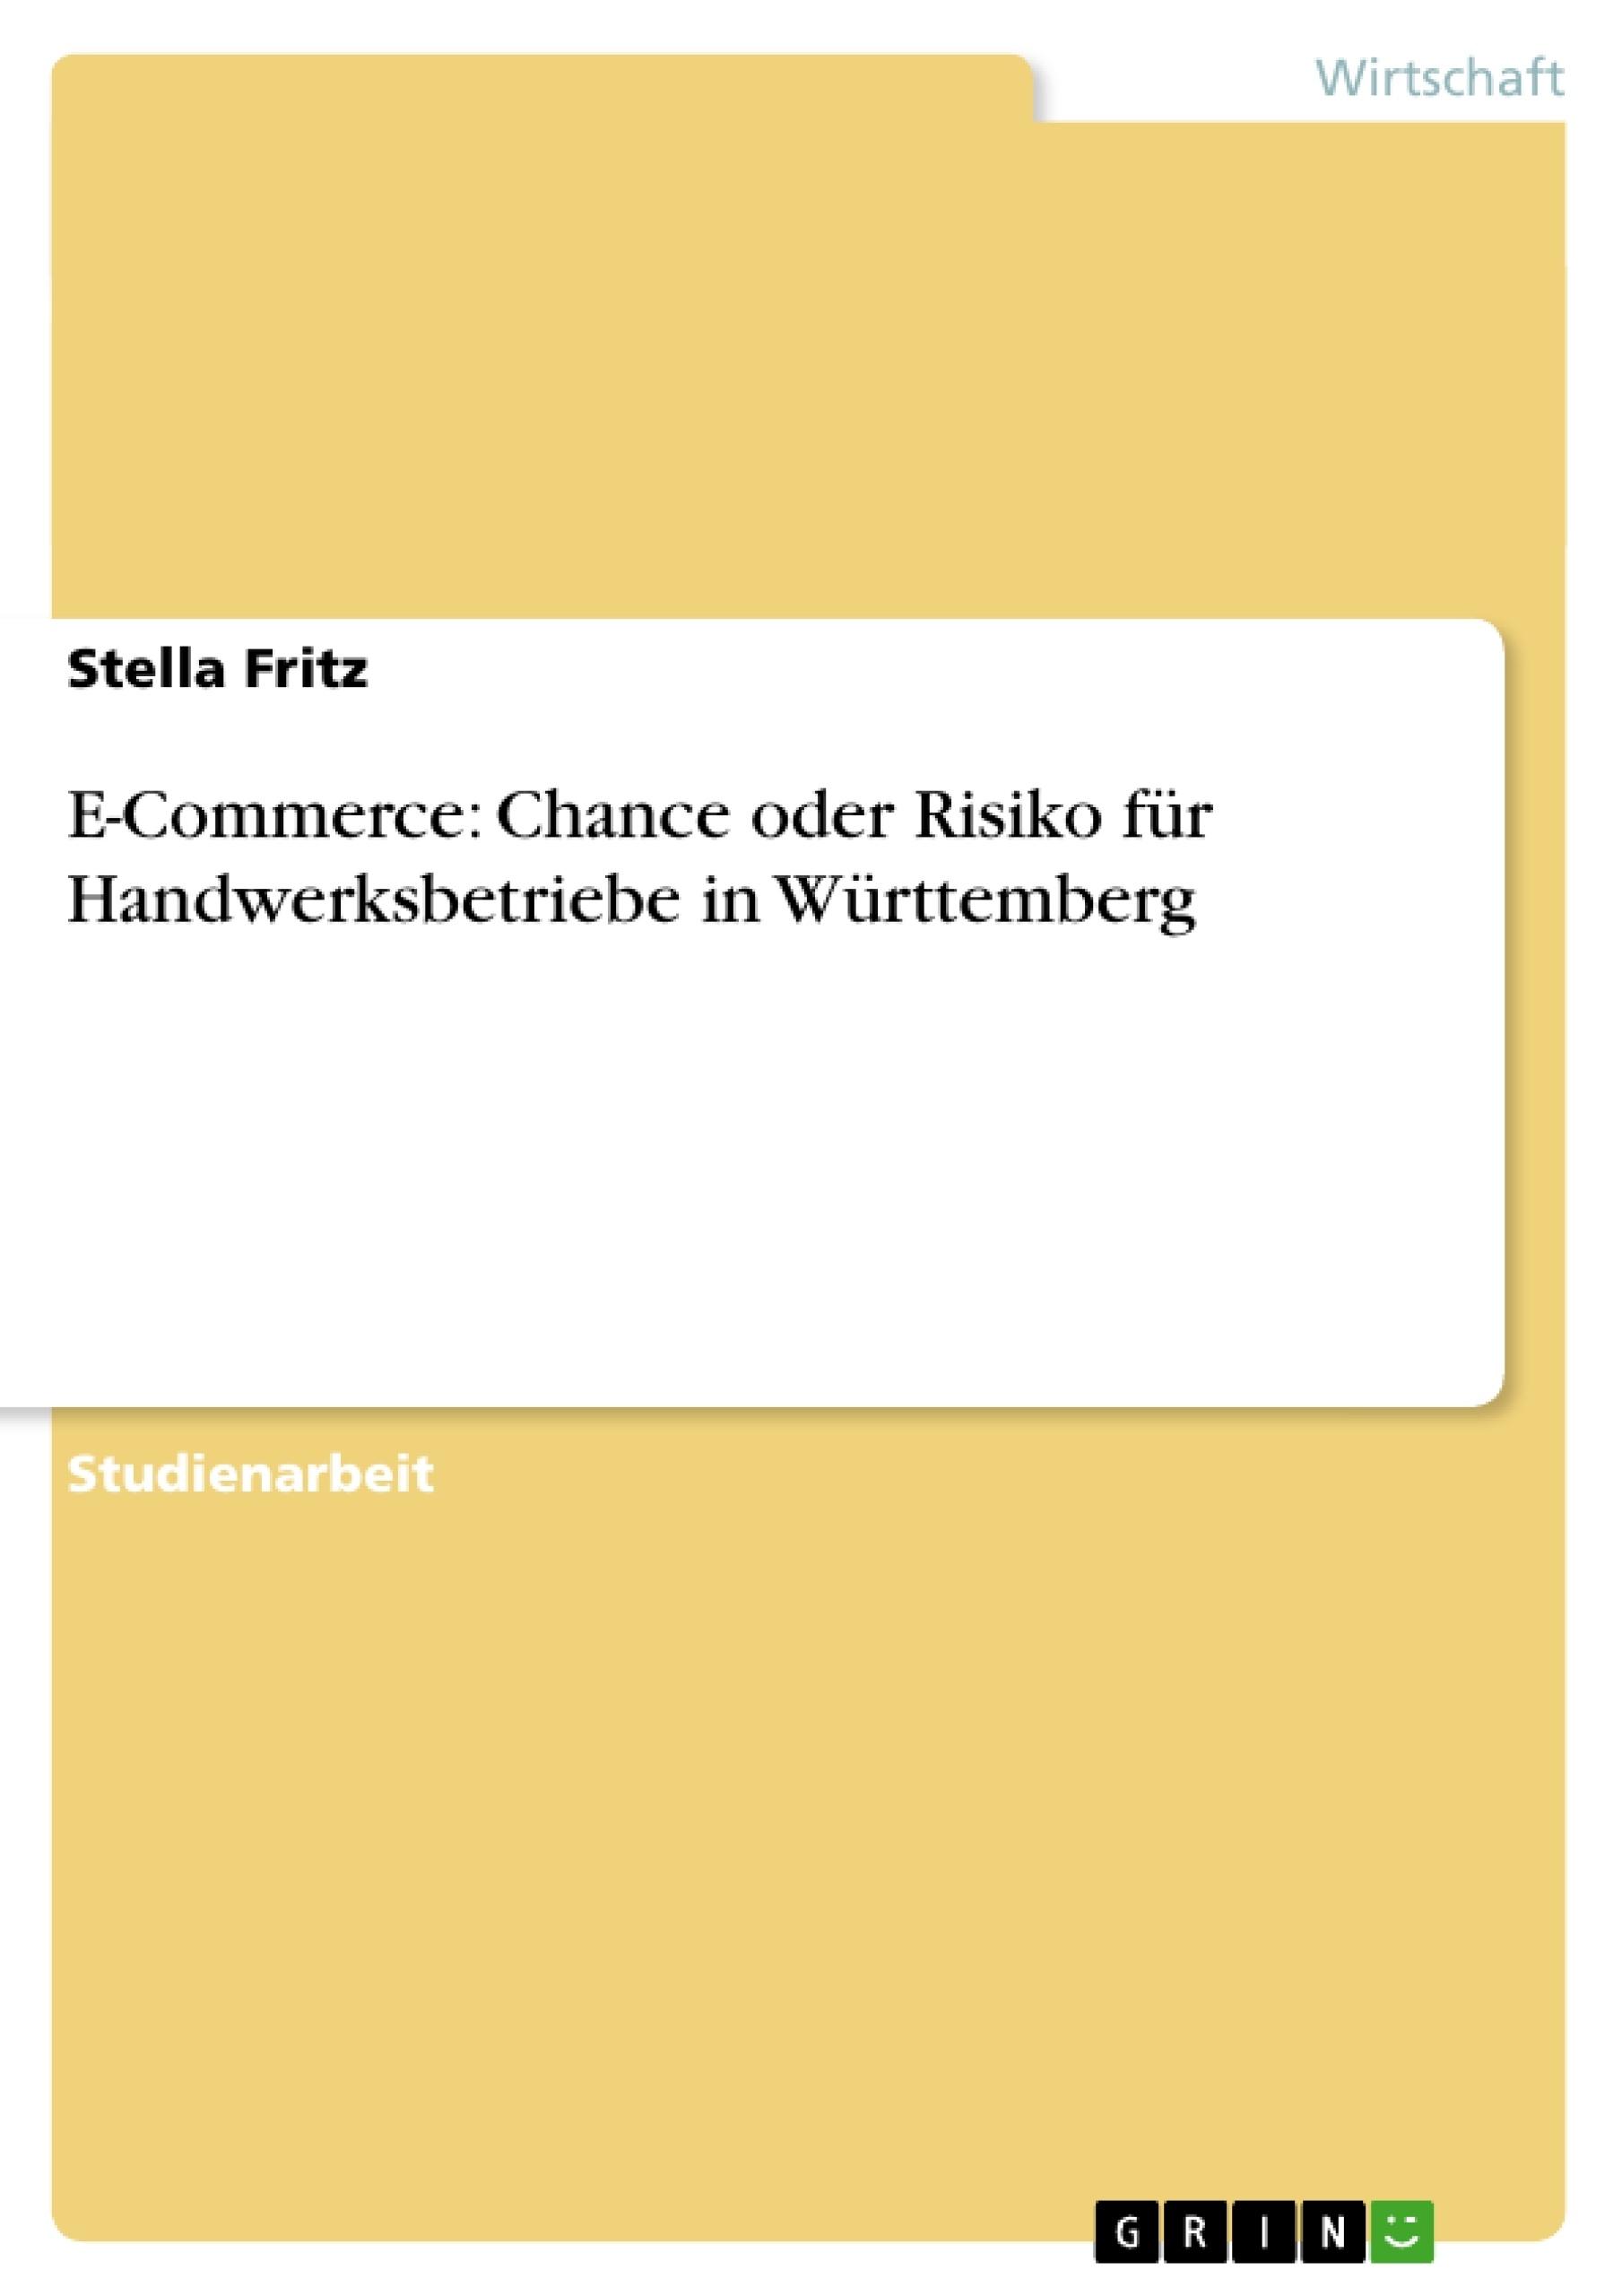 Titel: E-Commerce: Chance oder Risiko für Handwerksbetriebe in Württemberg